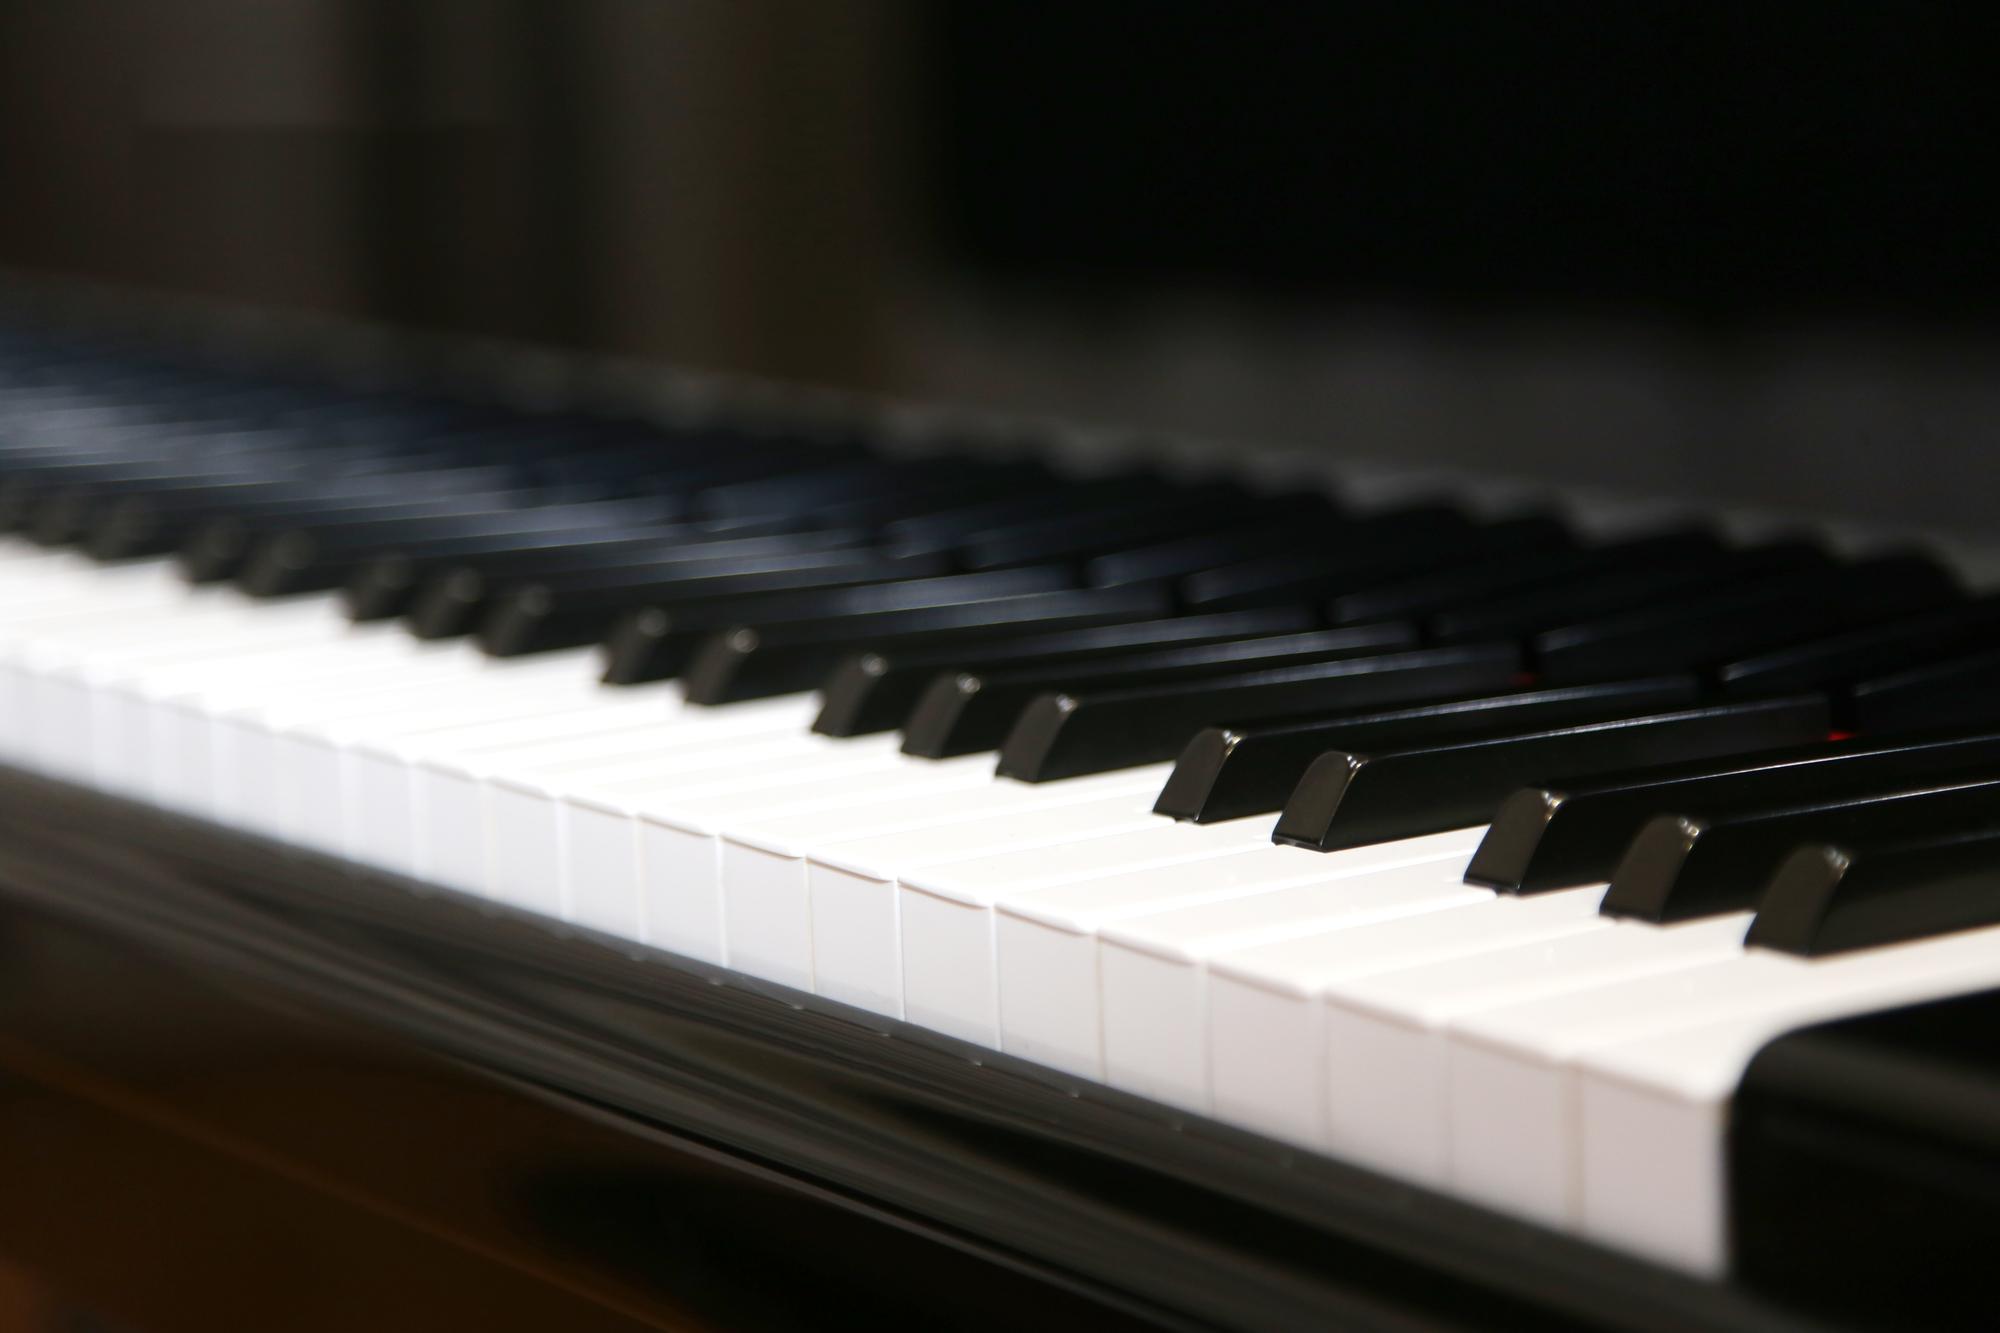 デリケートな楽器・ピアノをトランクルーム で保管するためには